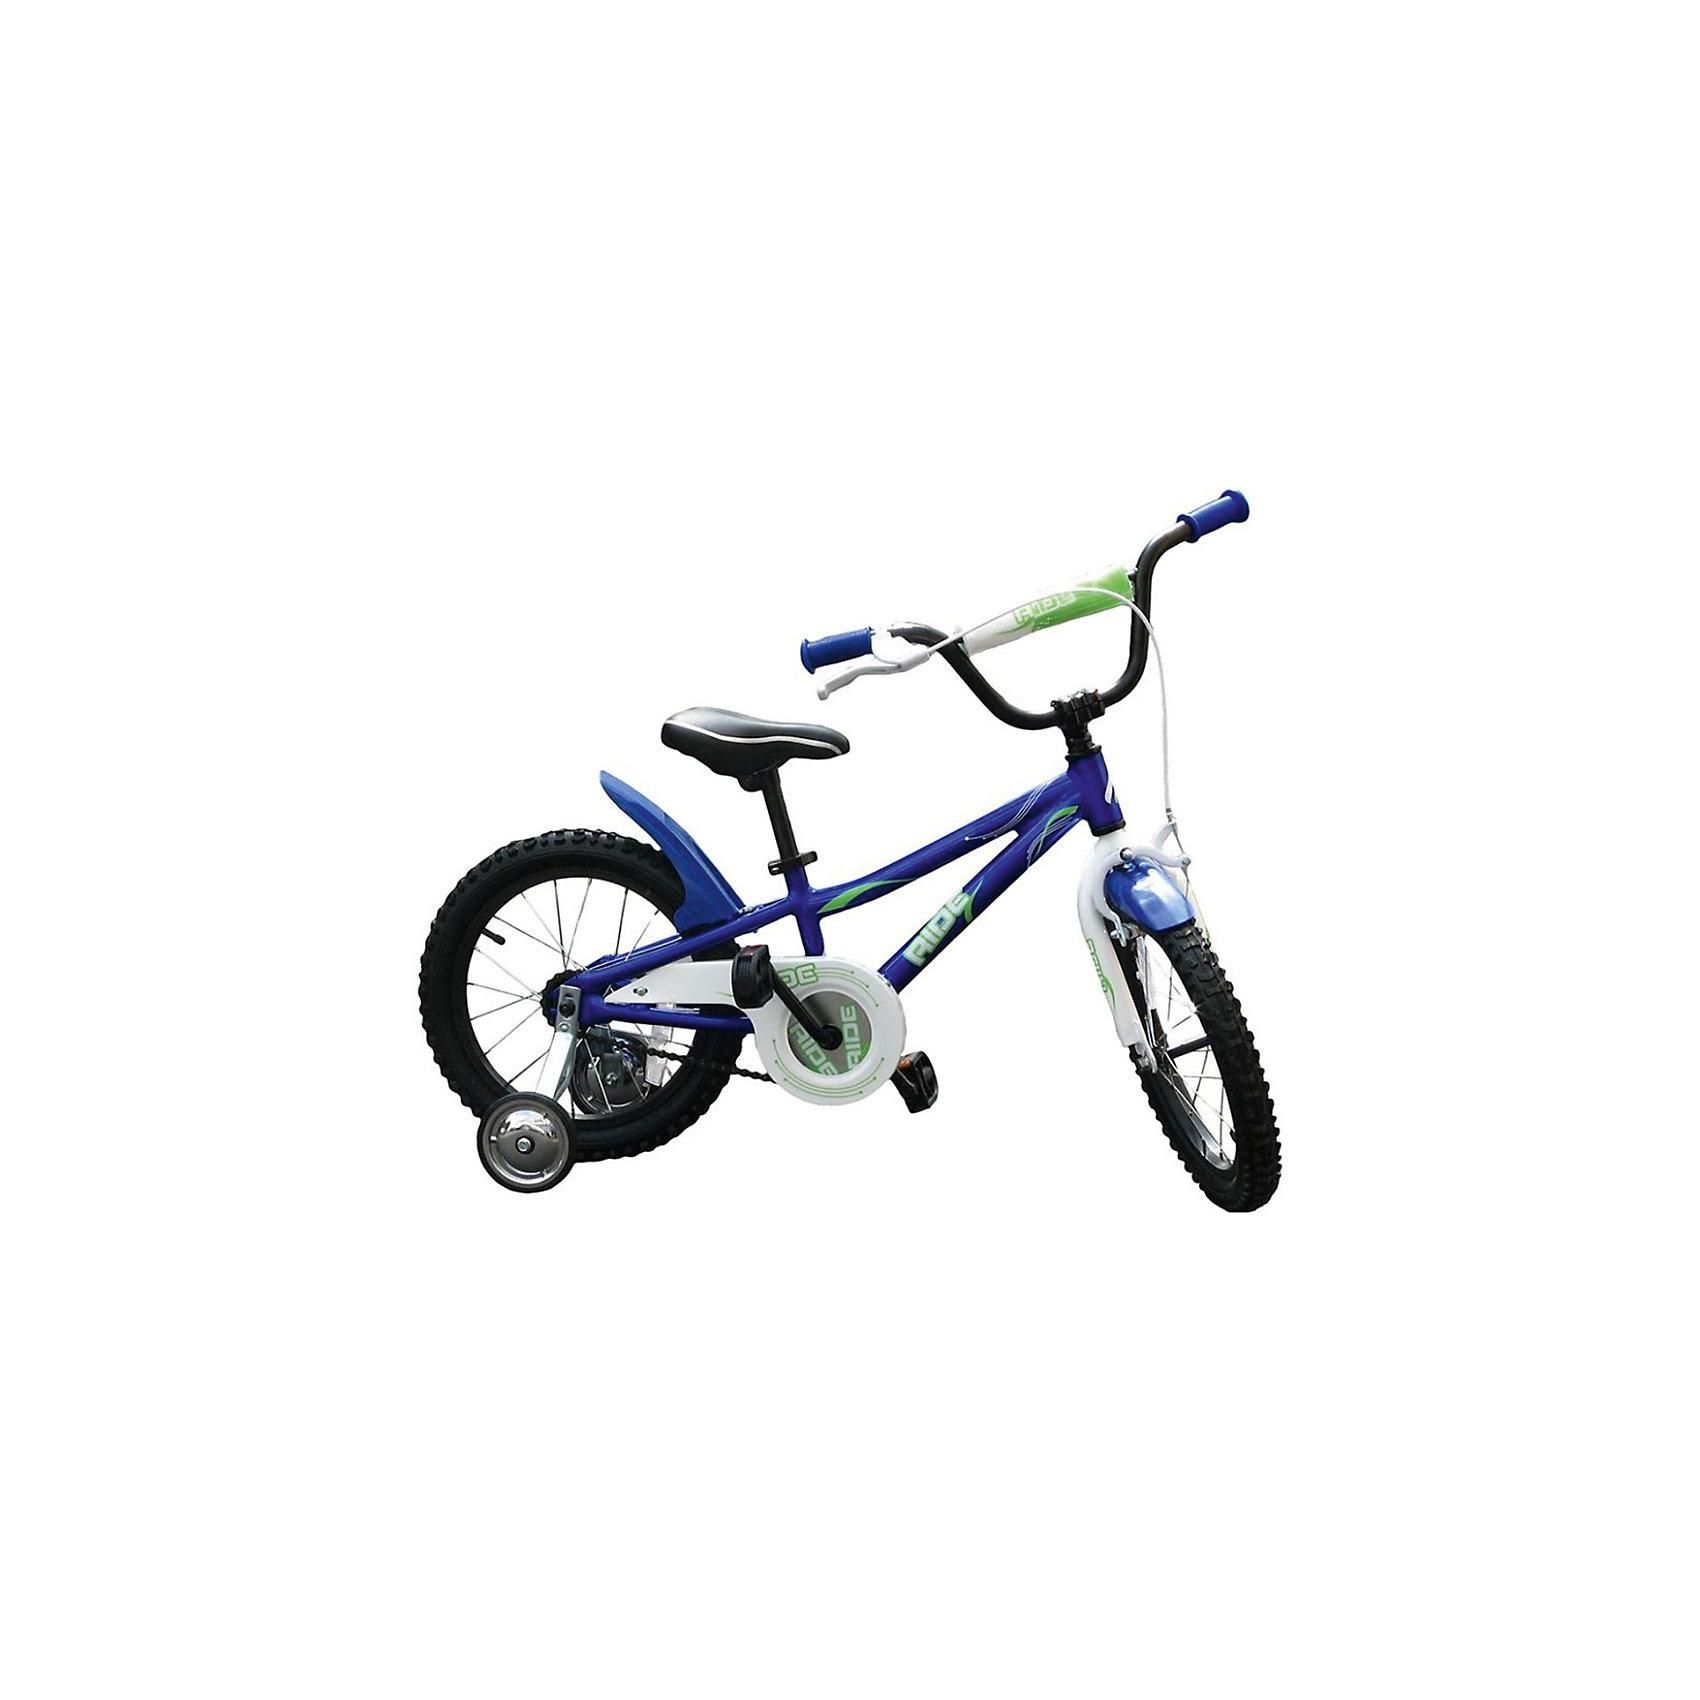 Велосипед RIDE, MARS, синийВелосипеды детские<br><br><br>Ширина мм: 600<br>Глубина мм: 600<br>Высота мм: 1000<br>Вес г: 11200<br>Возраст от месяцев: 36<br>Возраст до месяцев: 84<br>Пол: Унисекс<br>Возраст: Детский<br>SKU: 4785501